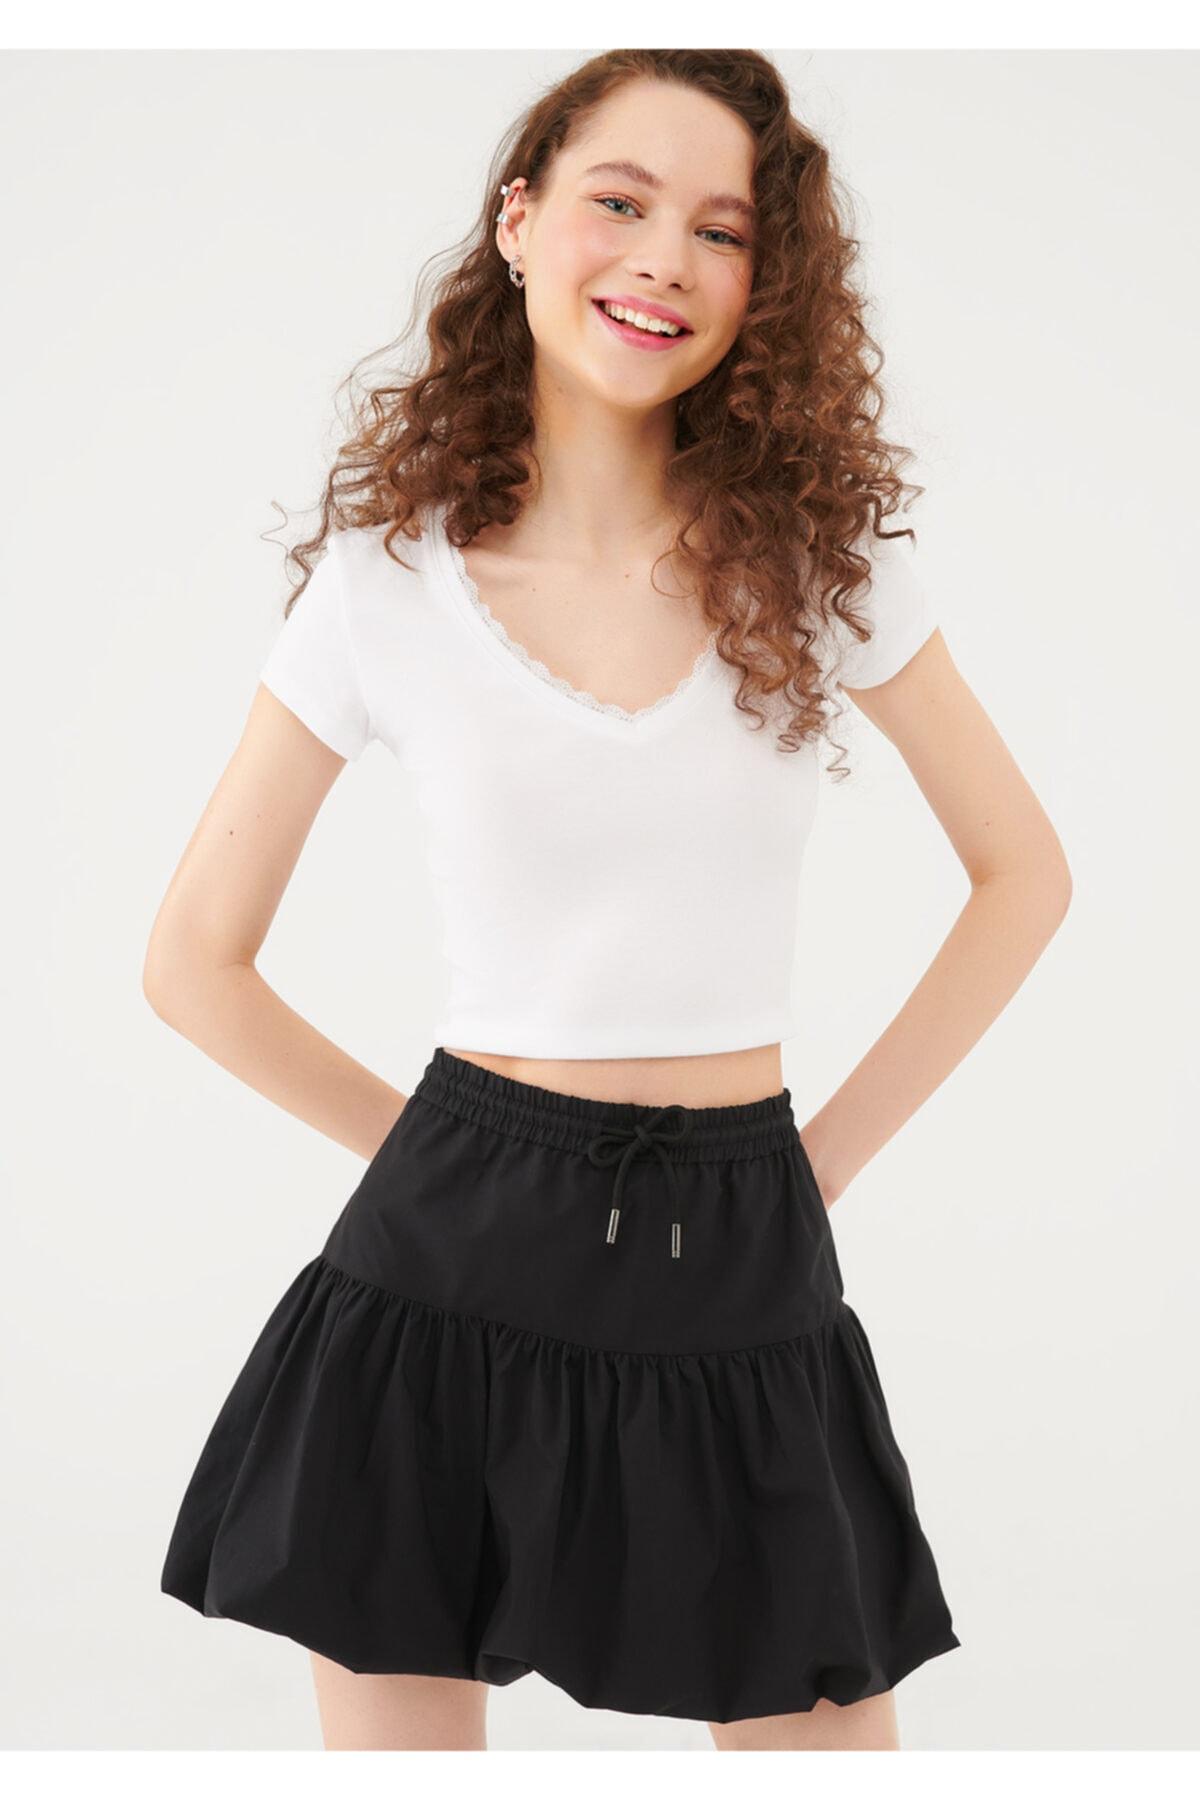 Dantel Detaylı Beyaz Tişört 1600756-33389